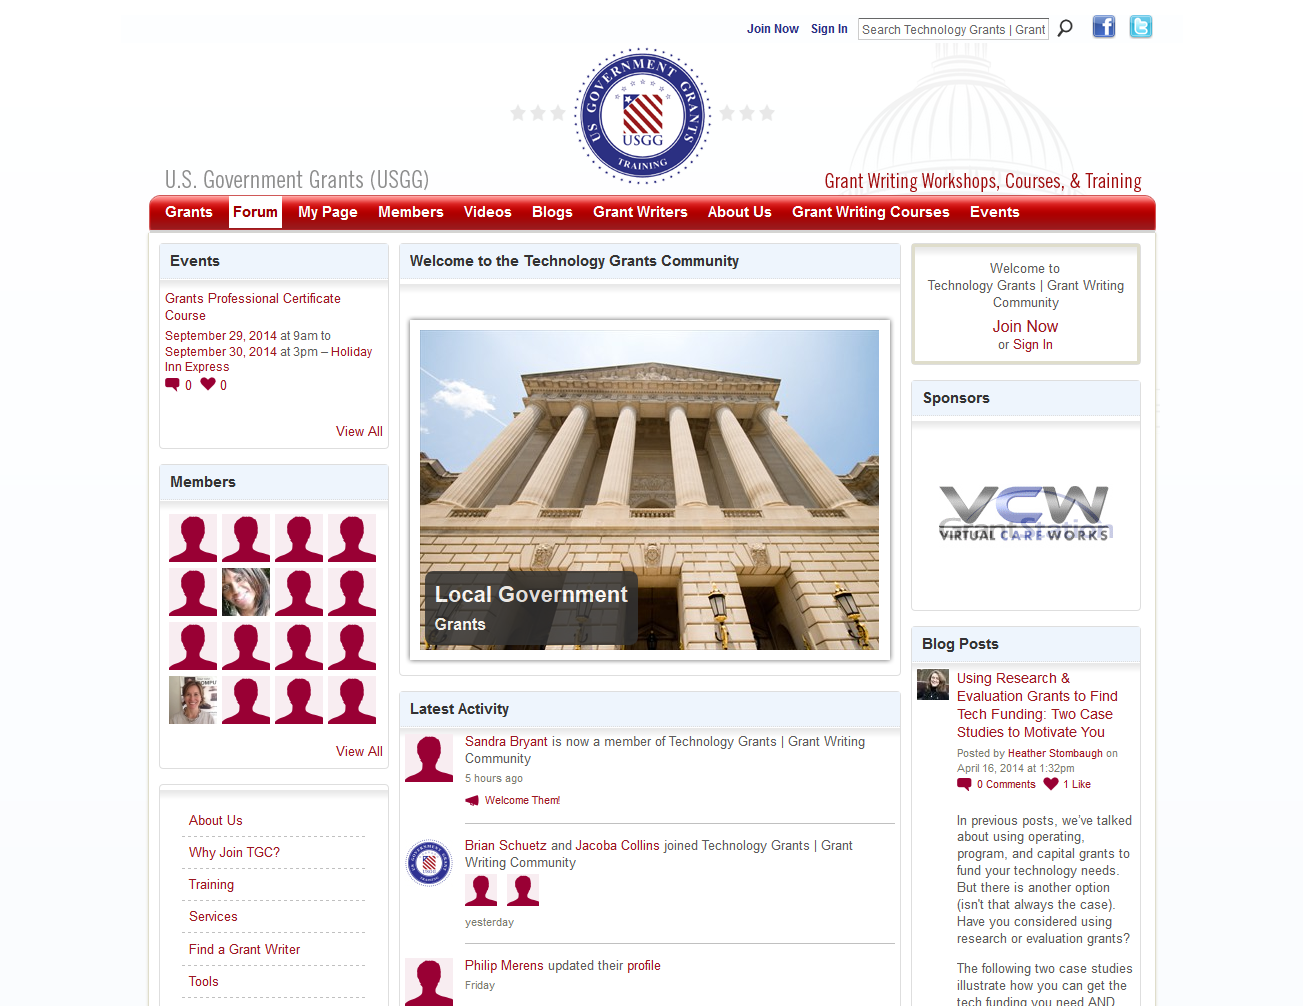 U.S. Government Grants (USGG) - Ning platform